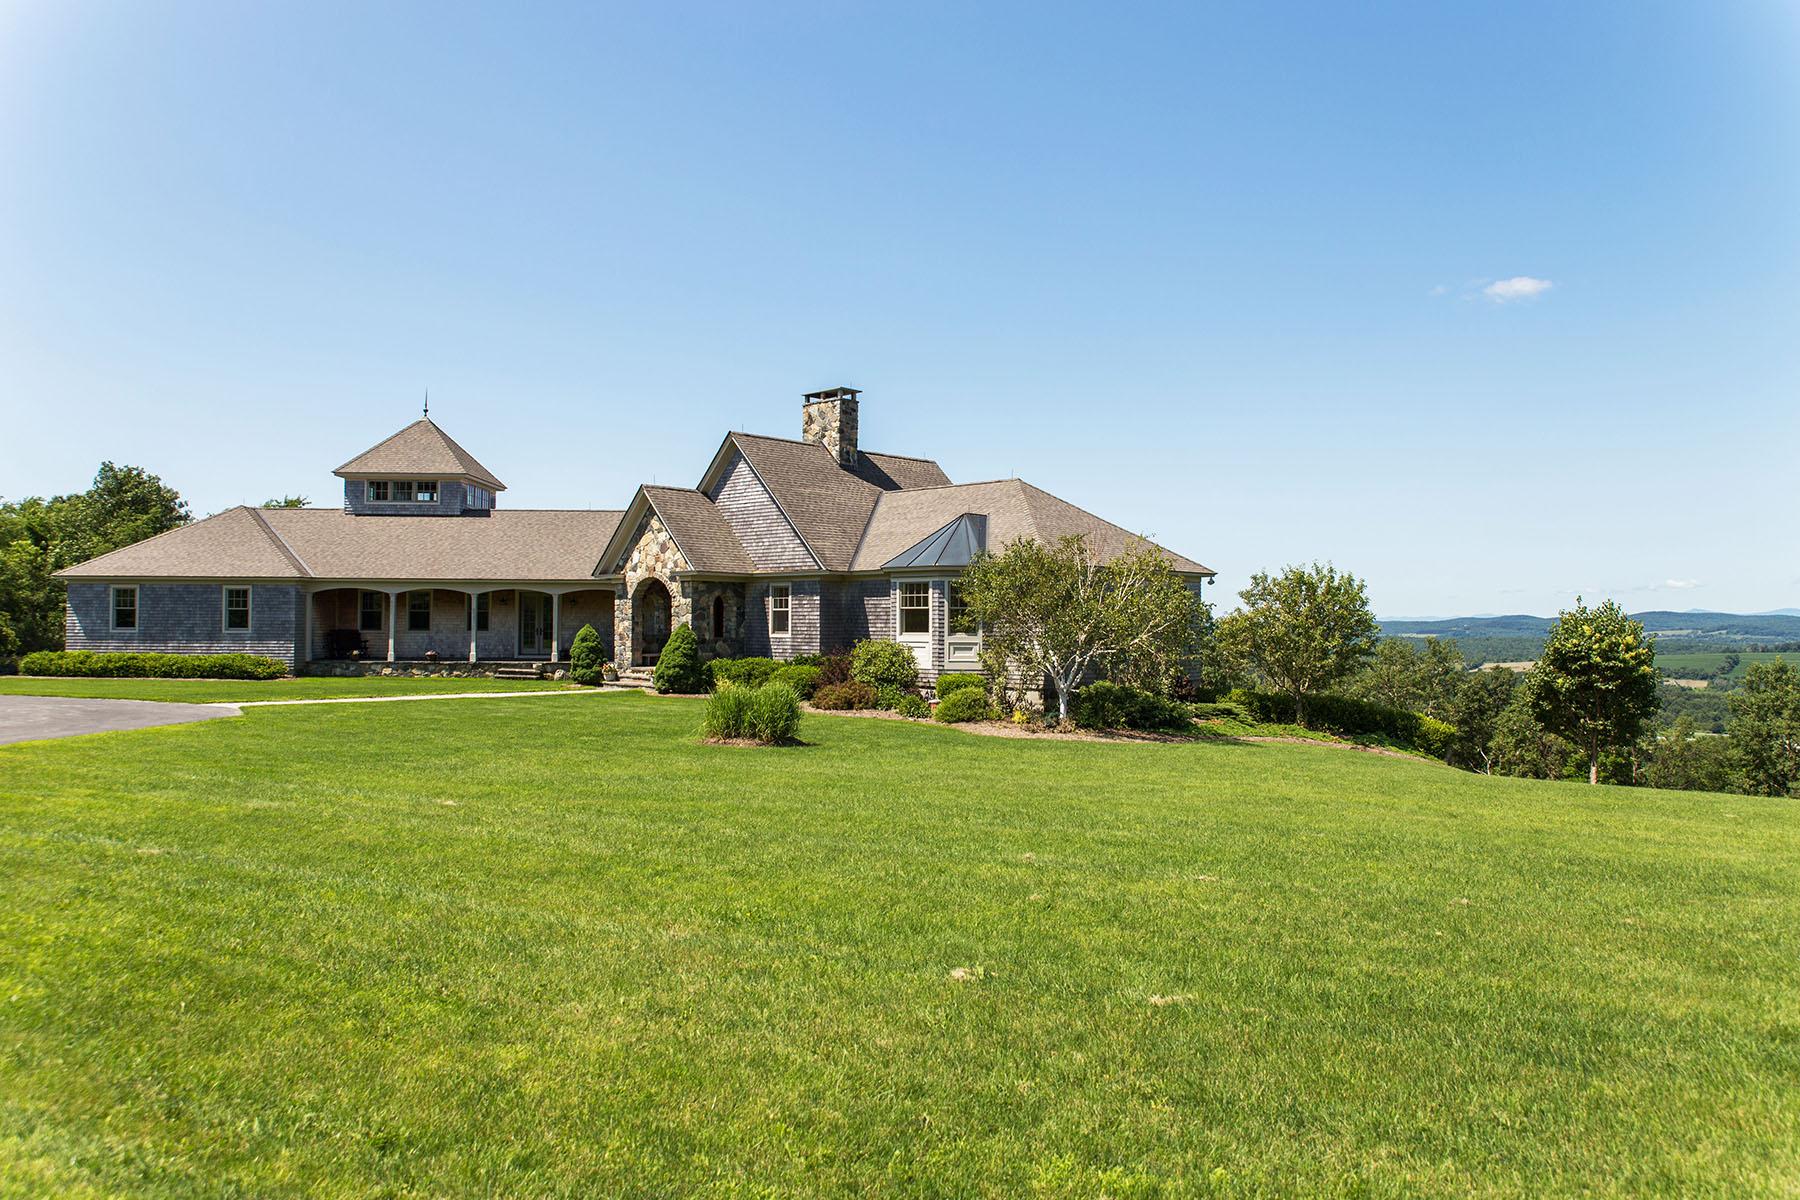 Nhà ở một gia đình vì Bán tại Magnificent Contemporary Home Surrounded by Panora 315 Weed Mine Rd Rd Copake, New York 12516 Hoa Kỳ